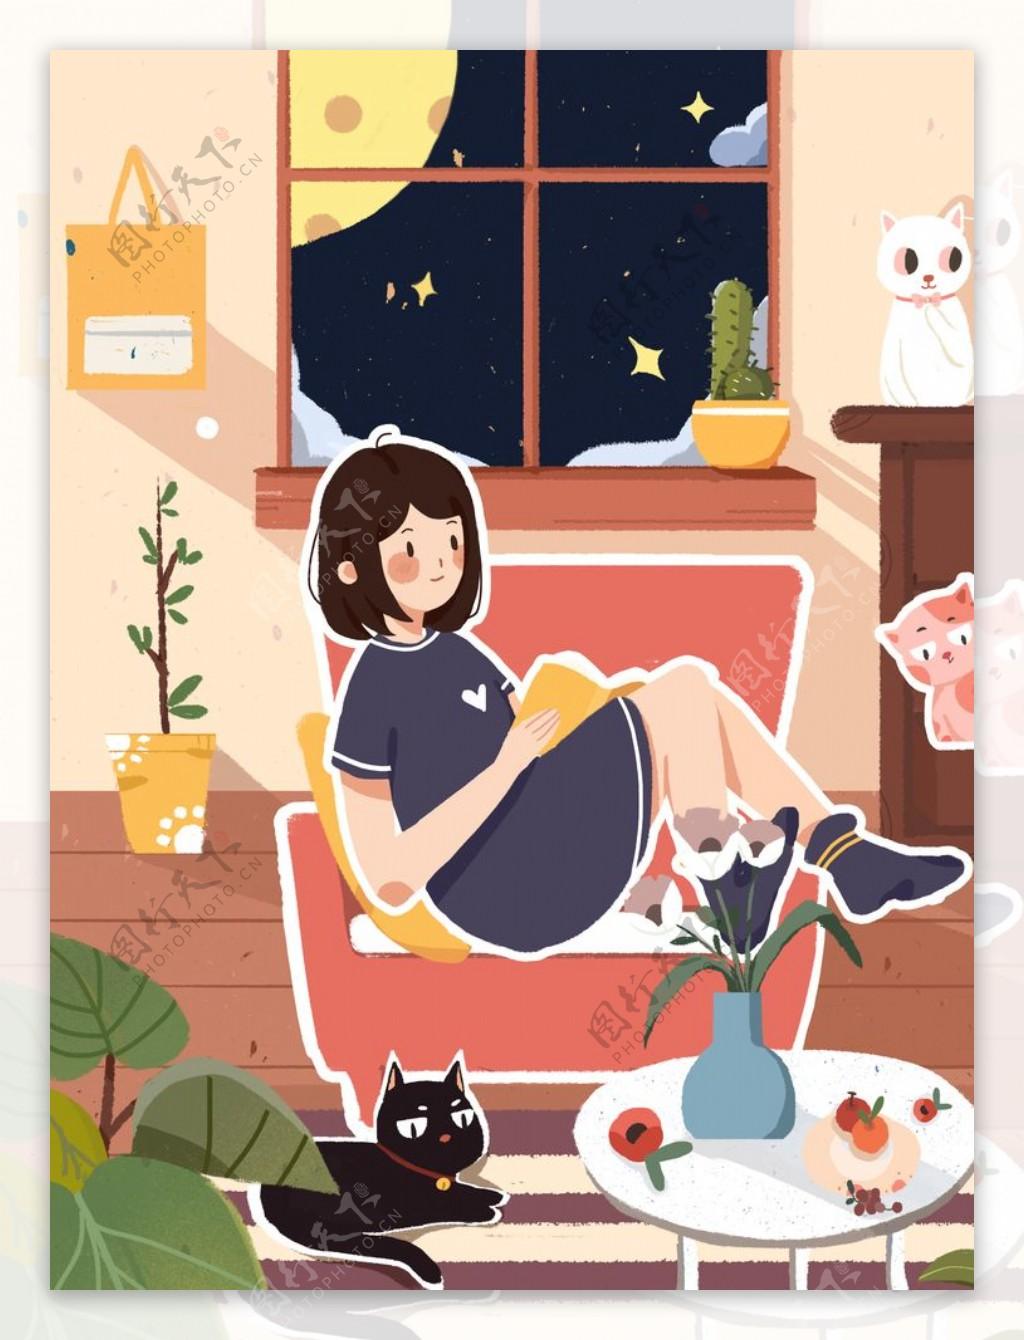 夜晚窗边看书的女孩和猫图片